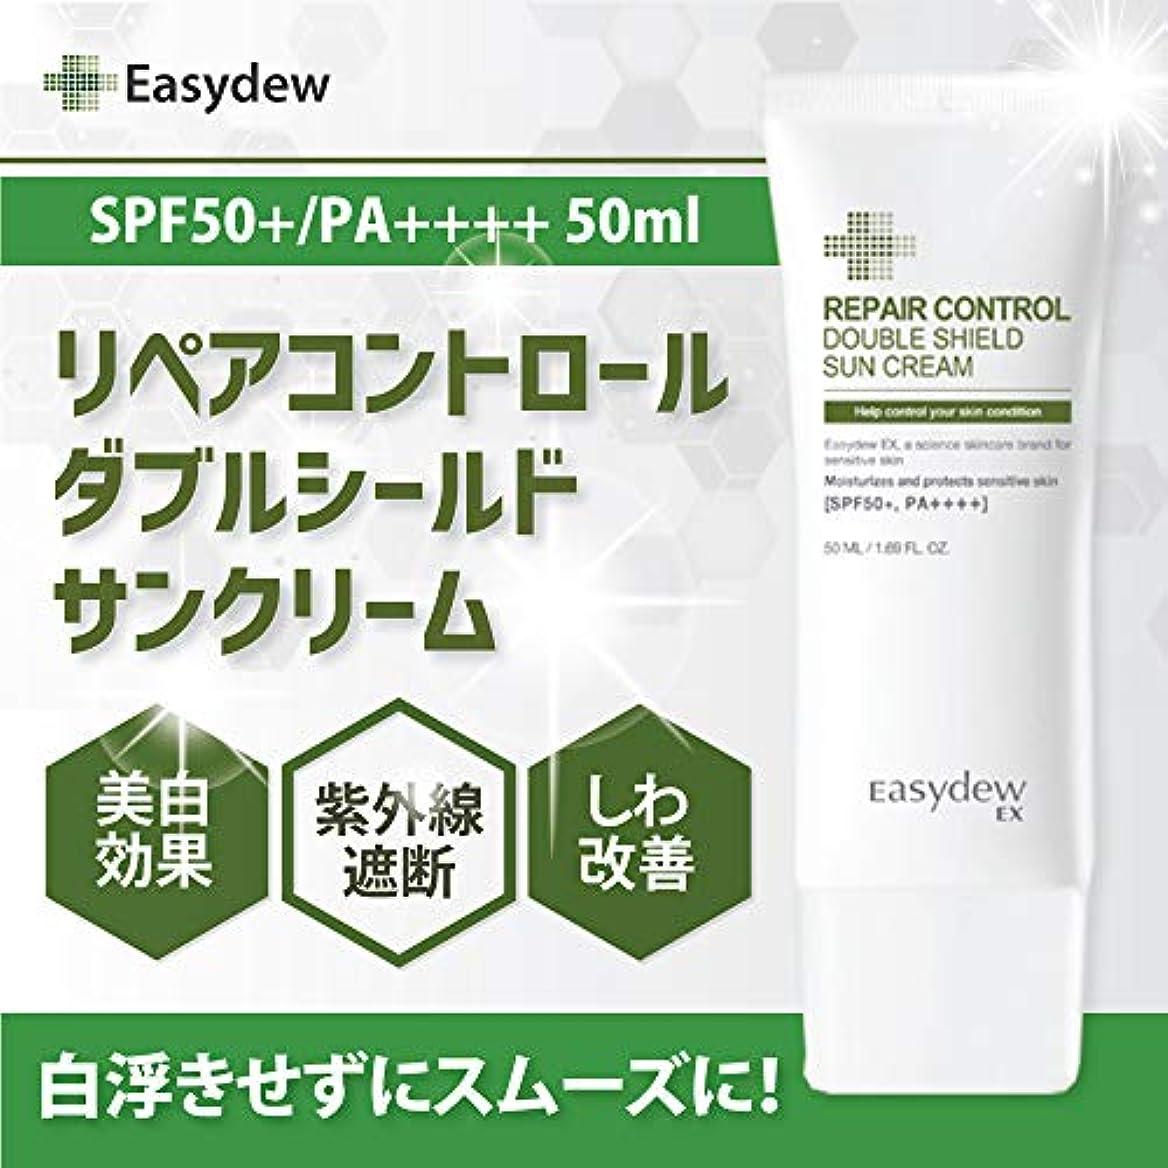 第五詐欺間違いデウン製薬 リペア コントロール ダブル シールド サン?クリーム SPF50+/PA++++ 50ml. Repair Control Double Shild Sun Cream SPF50+/PA++++ 50ml.